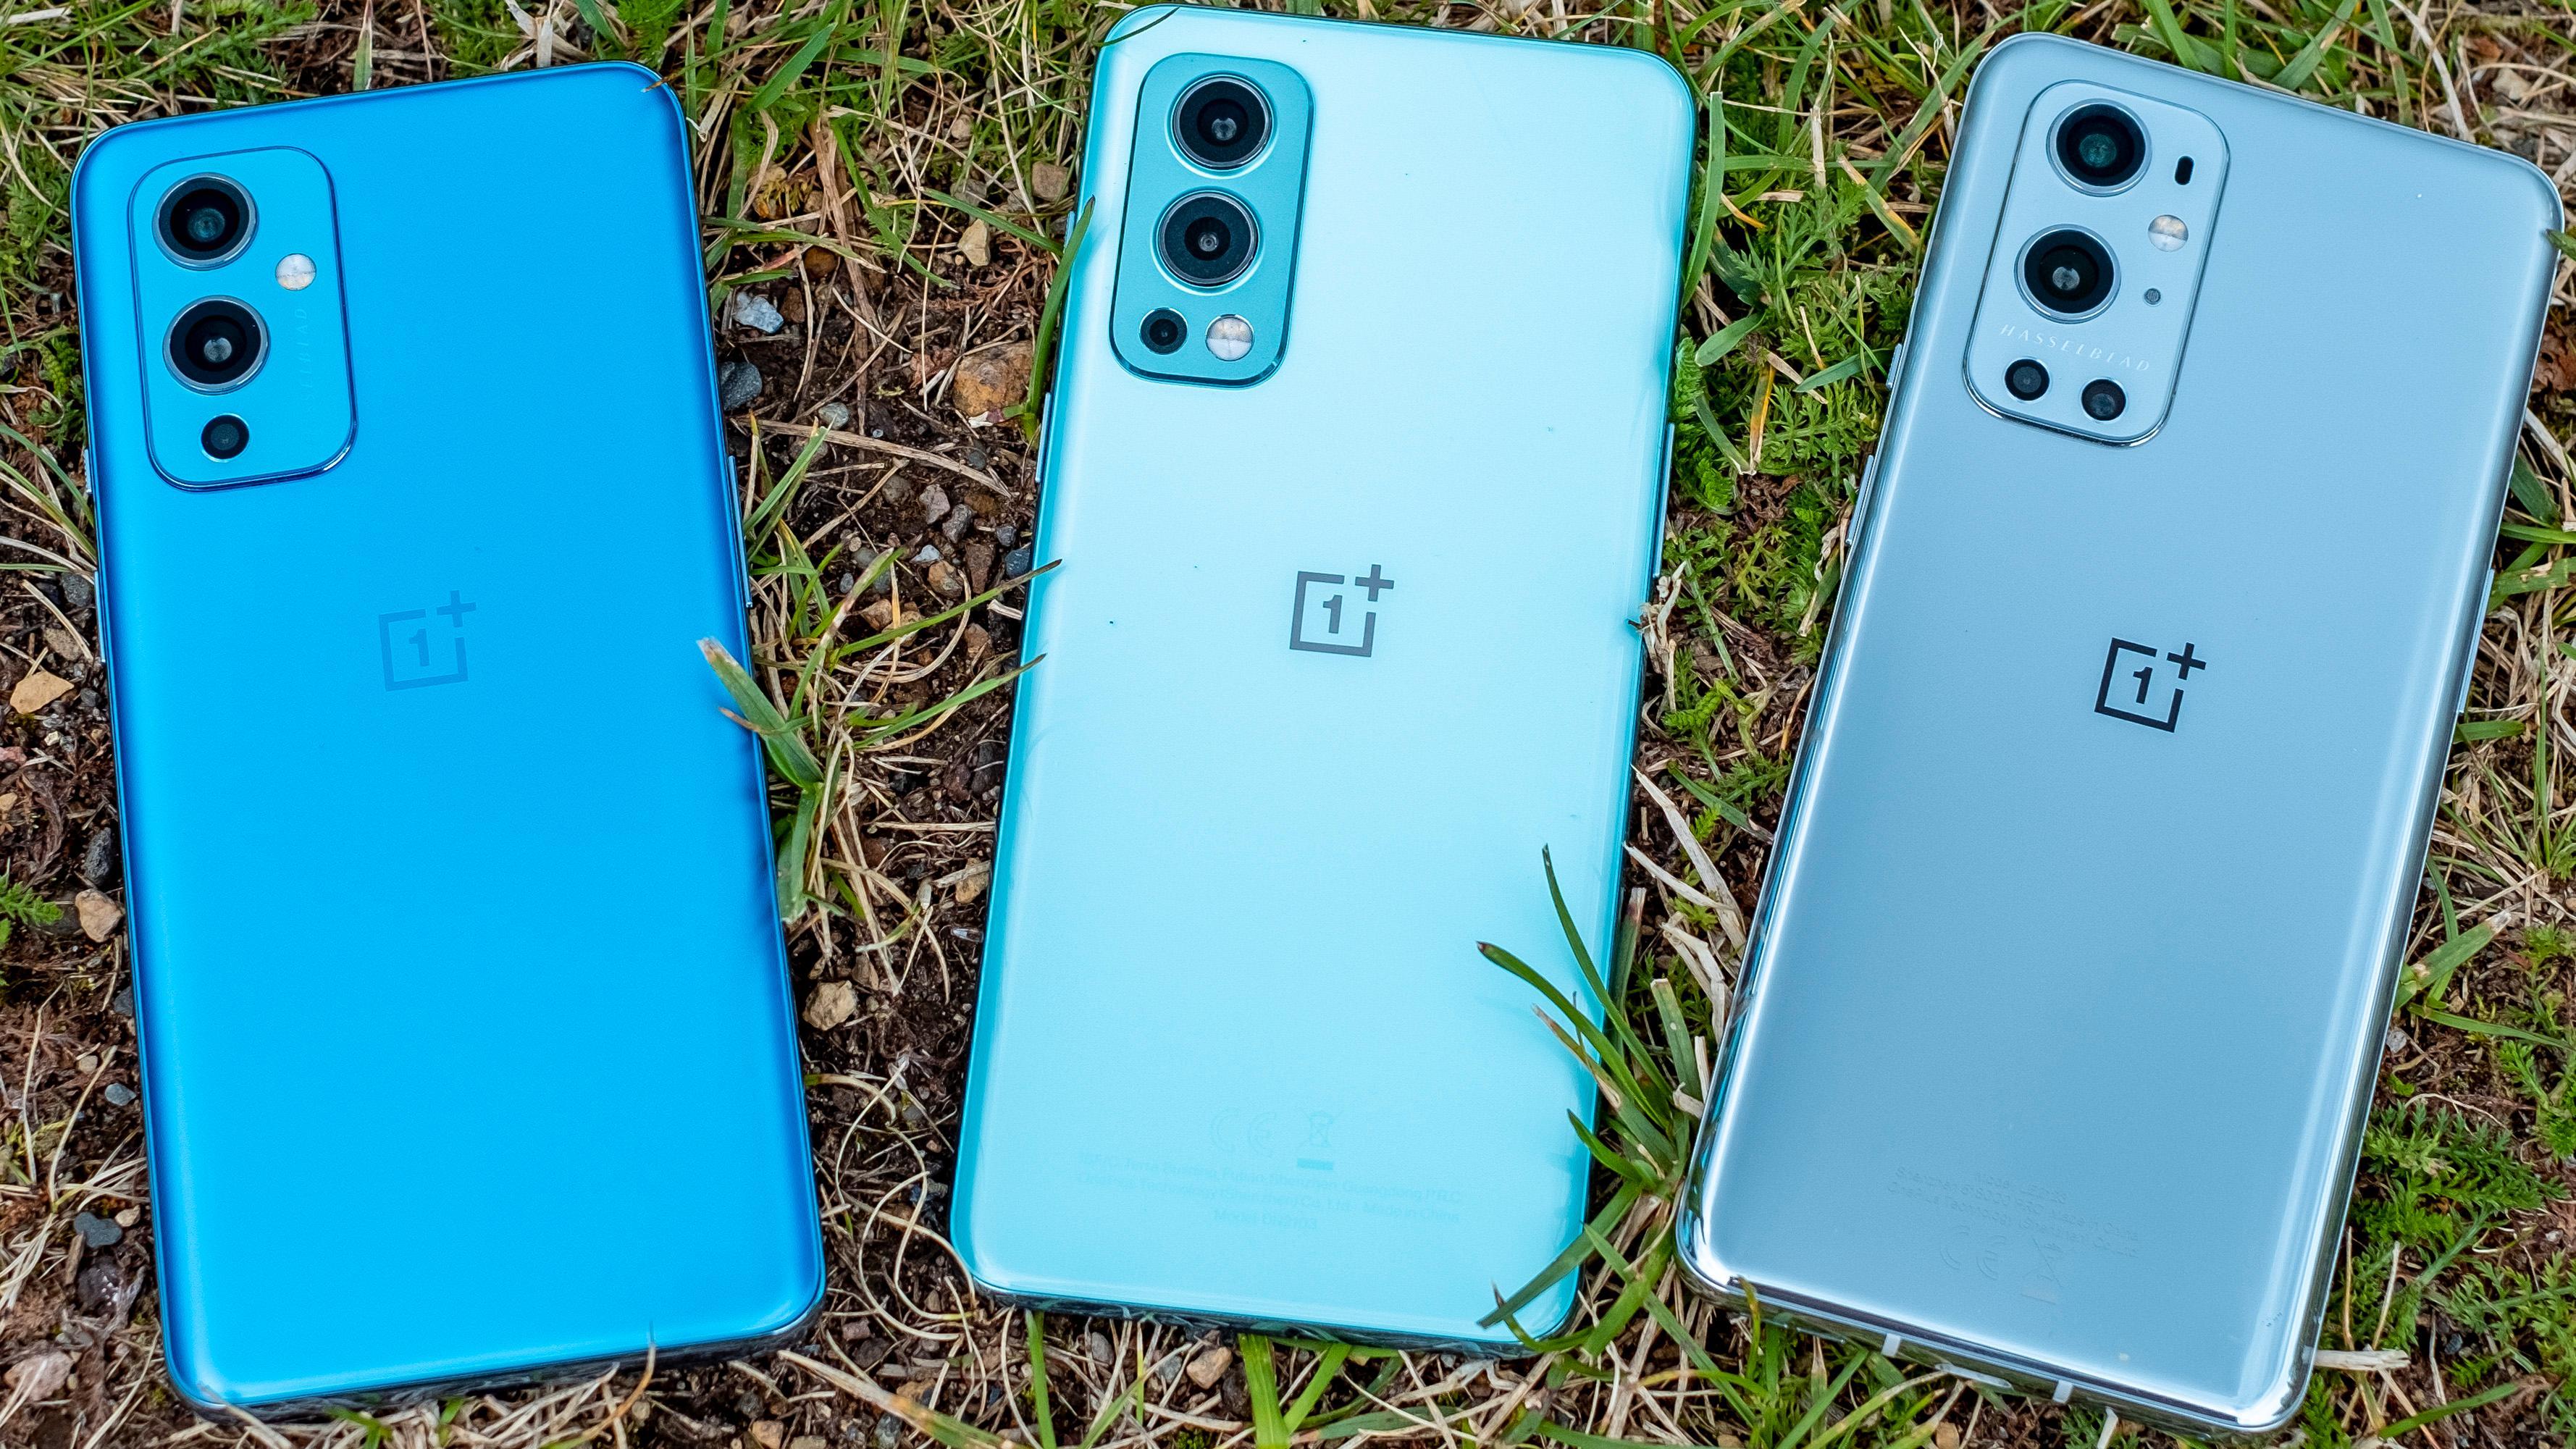 Det viktigste fra OnePlus-utvalget i 2021 fra venstre; OnePlus 9, OnePlus Nord 2 og OnePlus 9 Pro.